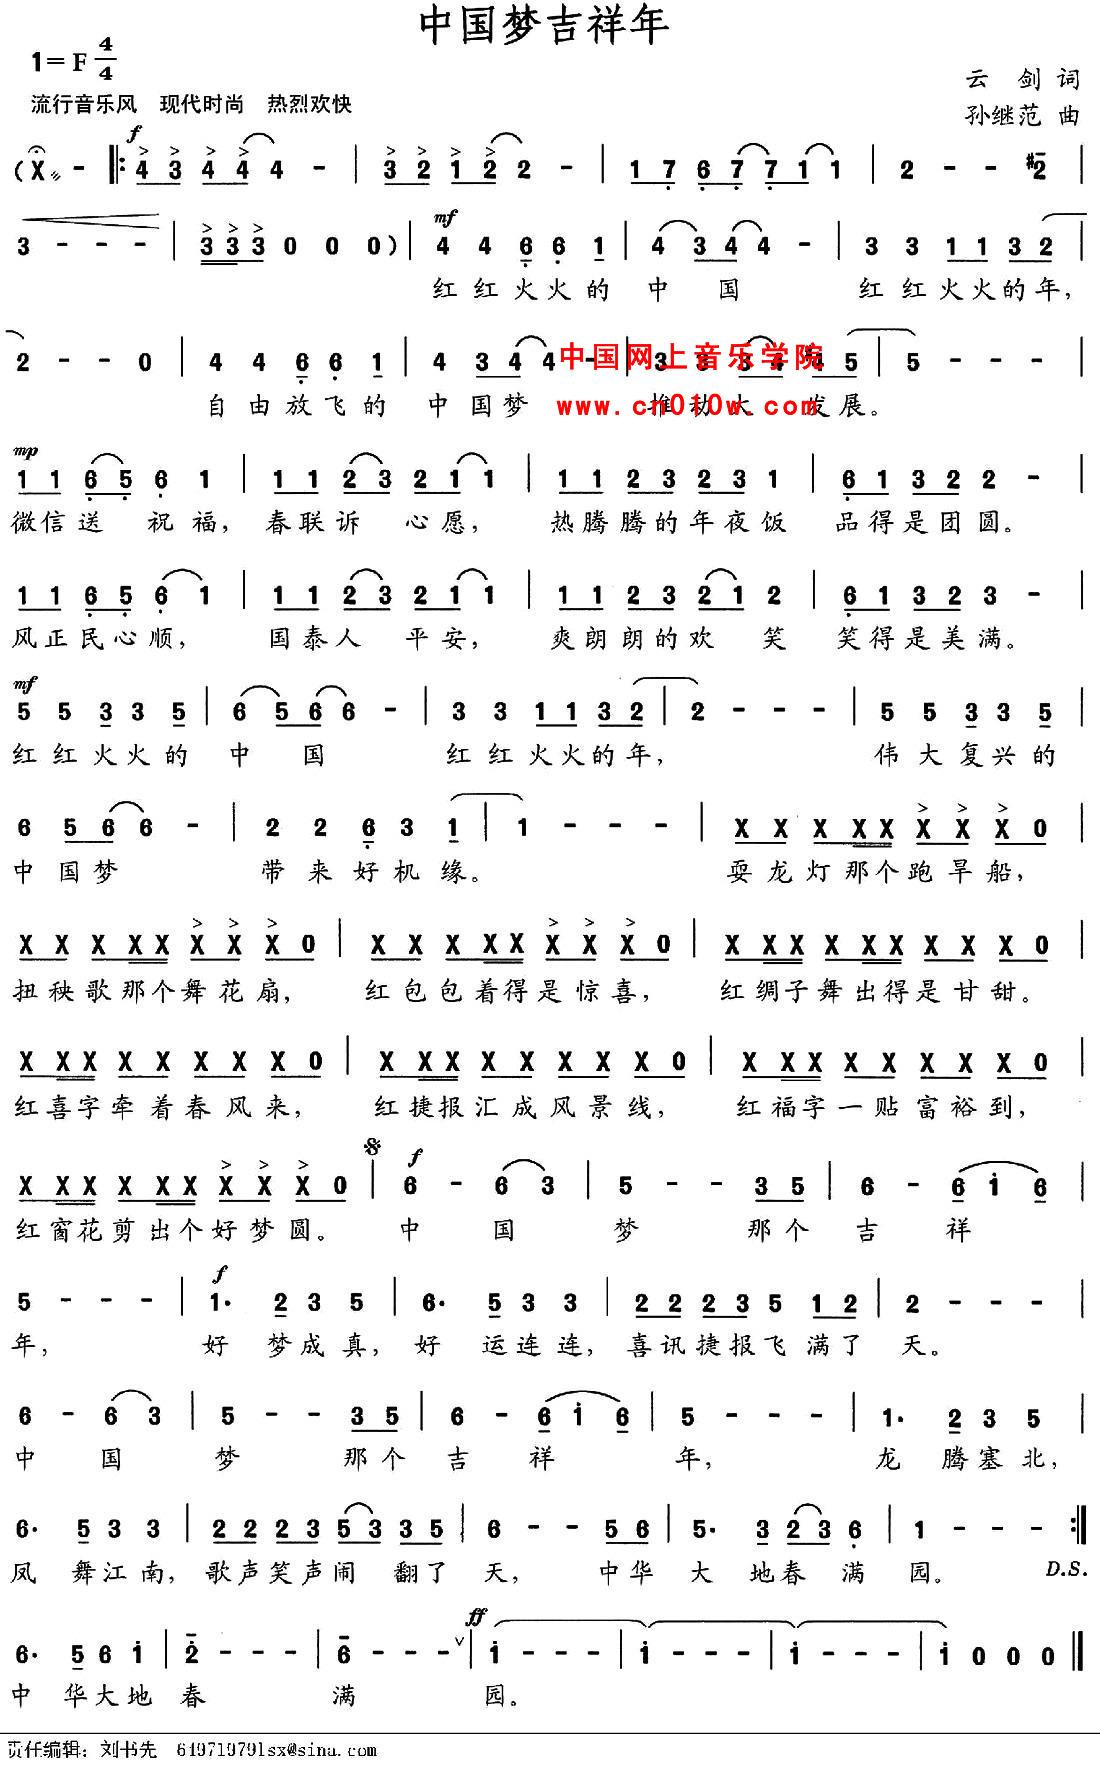 民歌曲谱 中国梦吉祥年民歌曲谱 中国梦吉祥年下载简谱